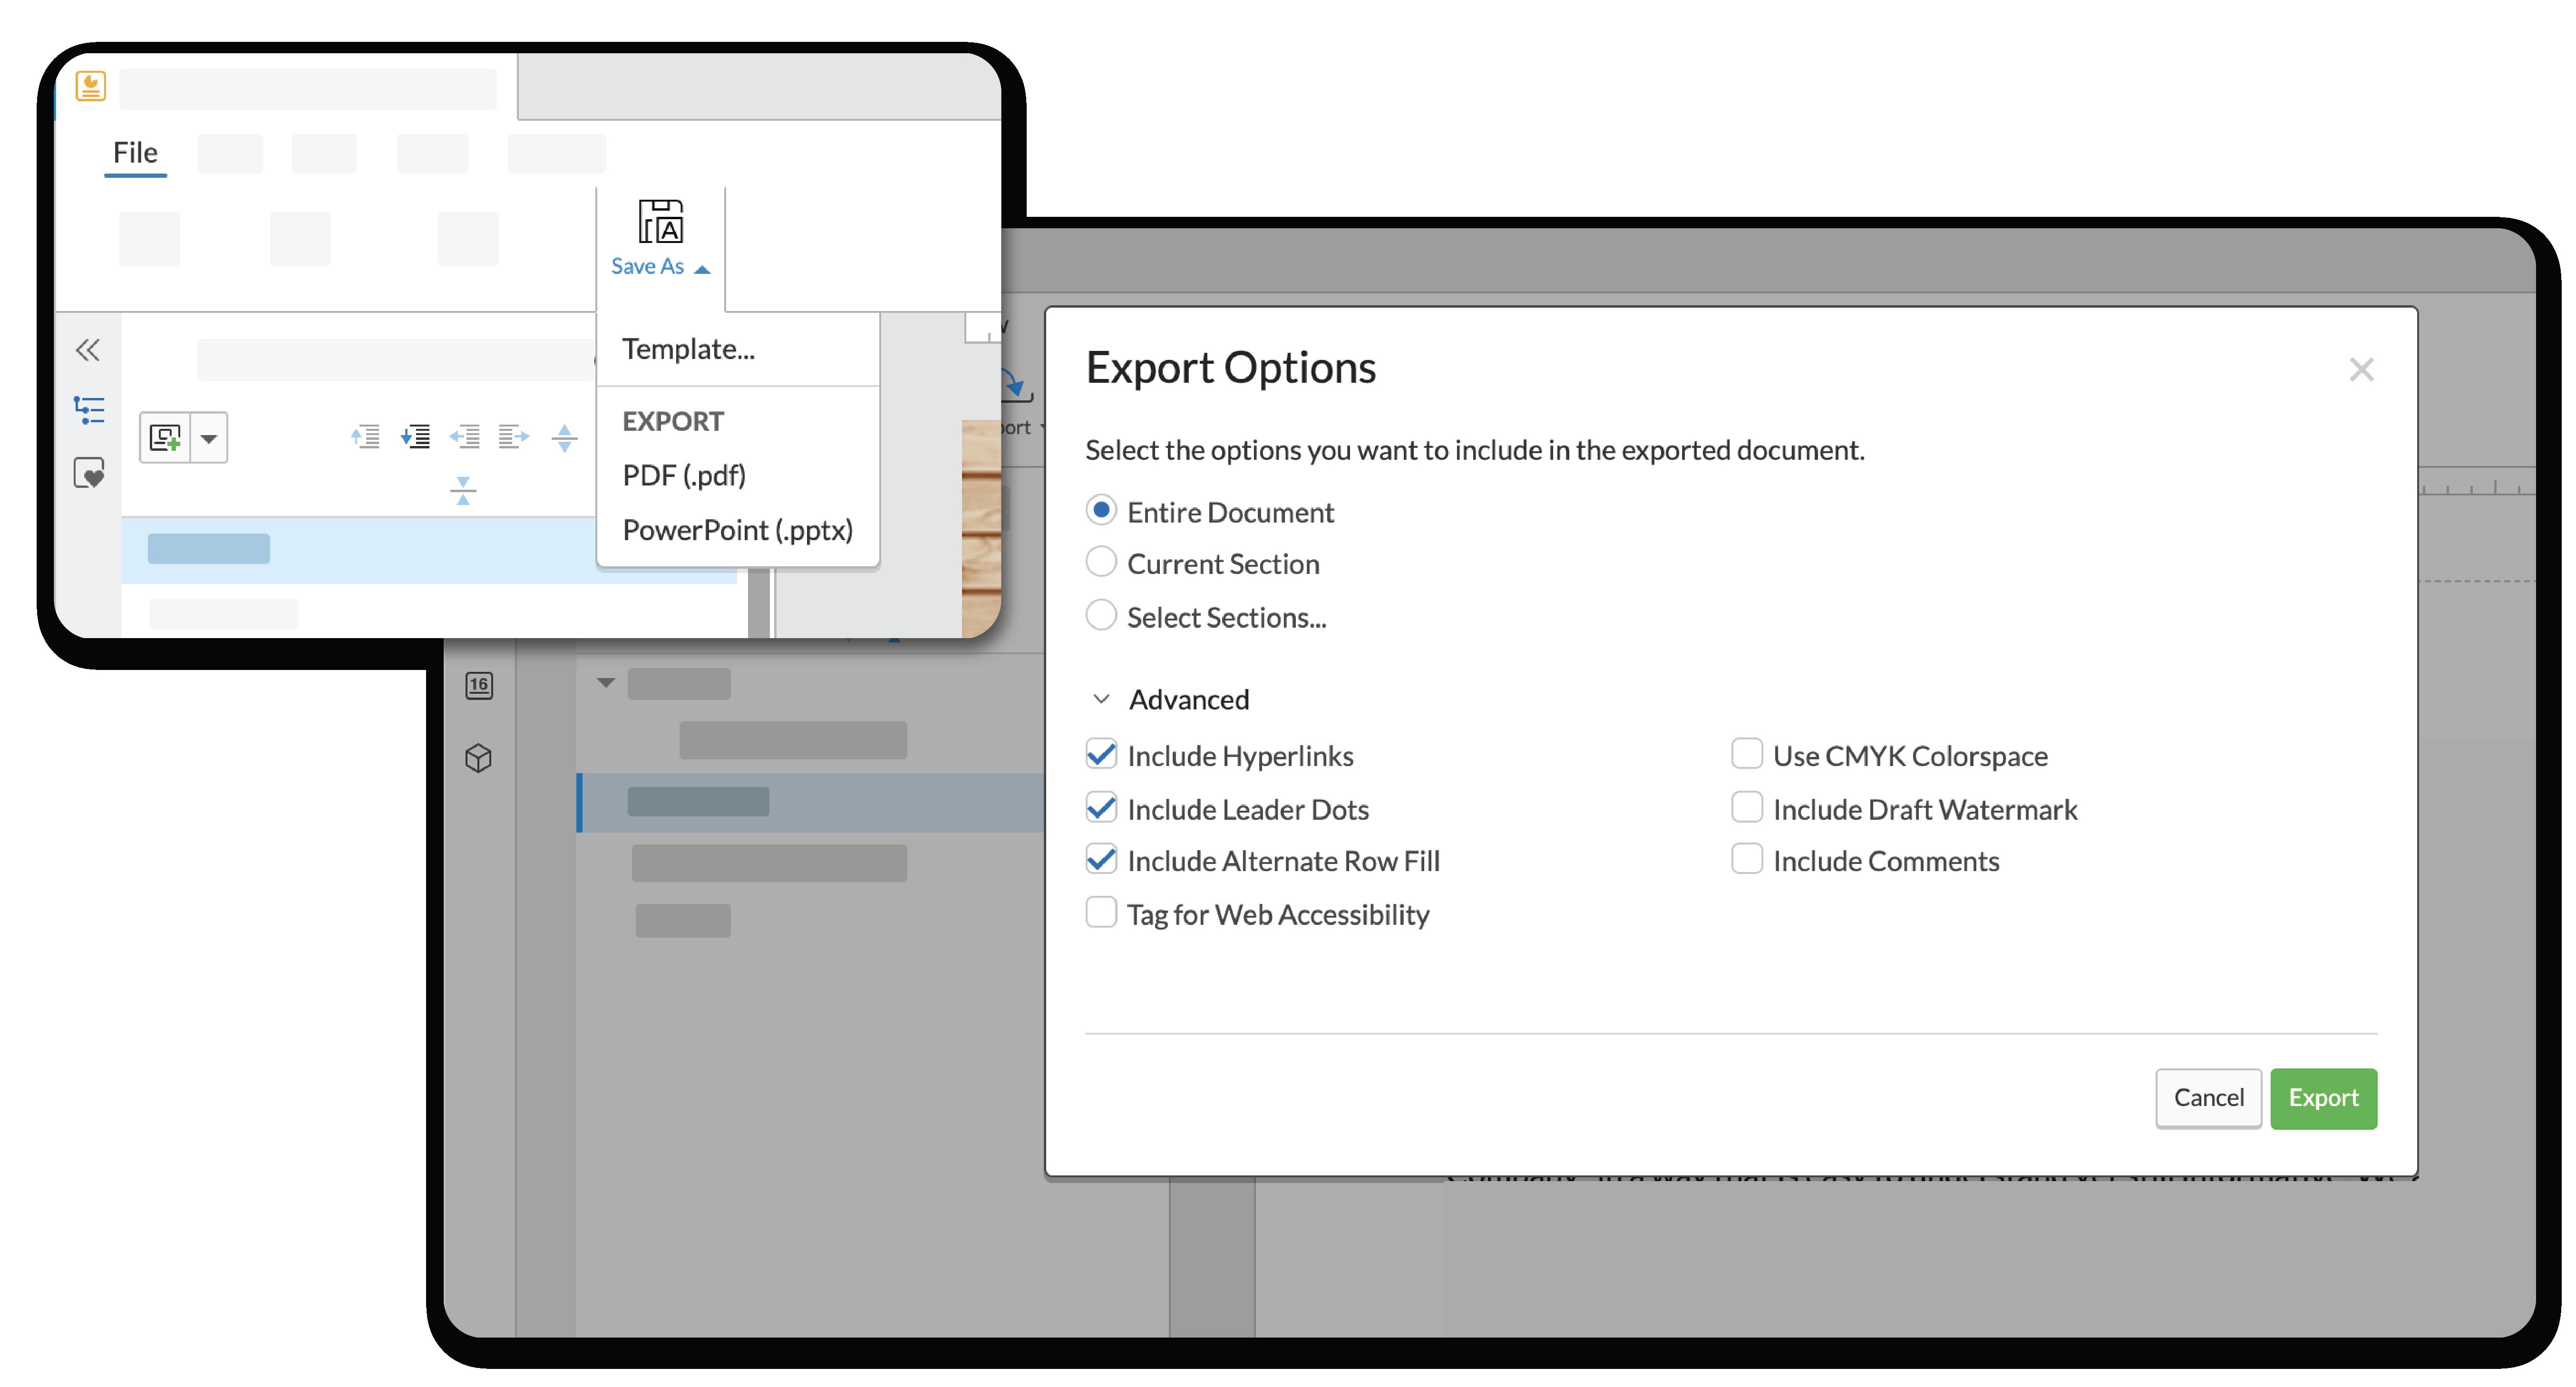 エクスポートオプションを使い、プレゼンテーションを powerpoint または PDF としてエクスポートします